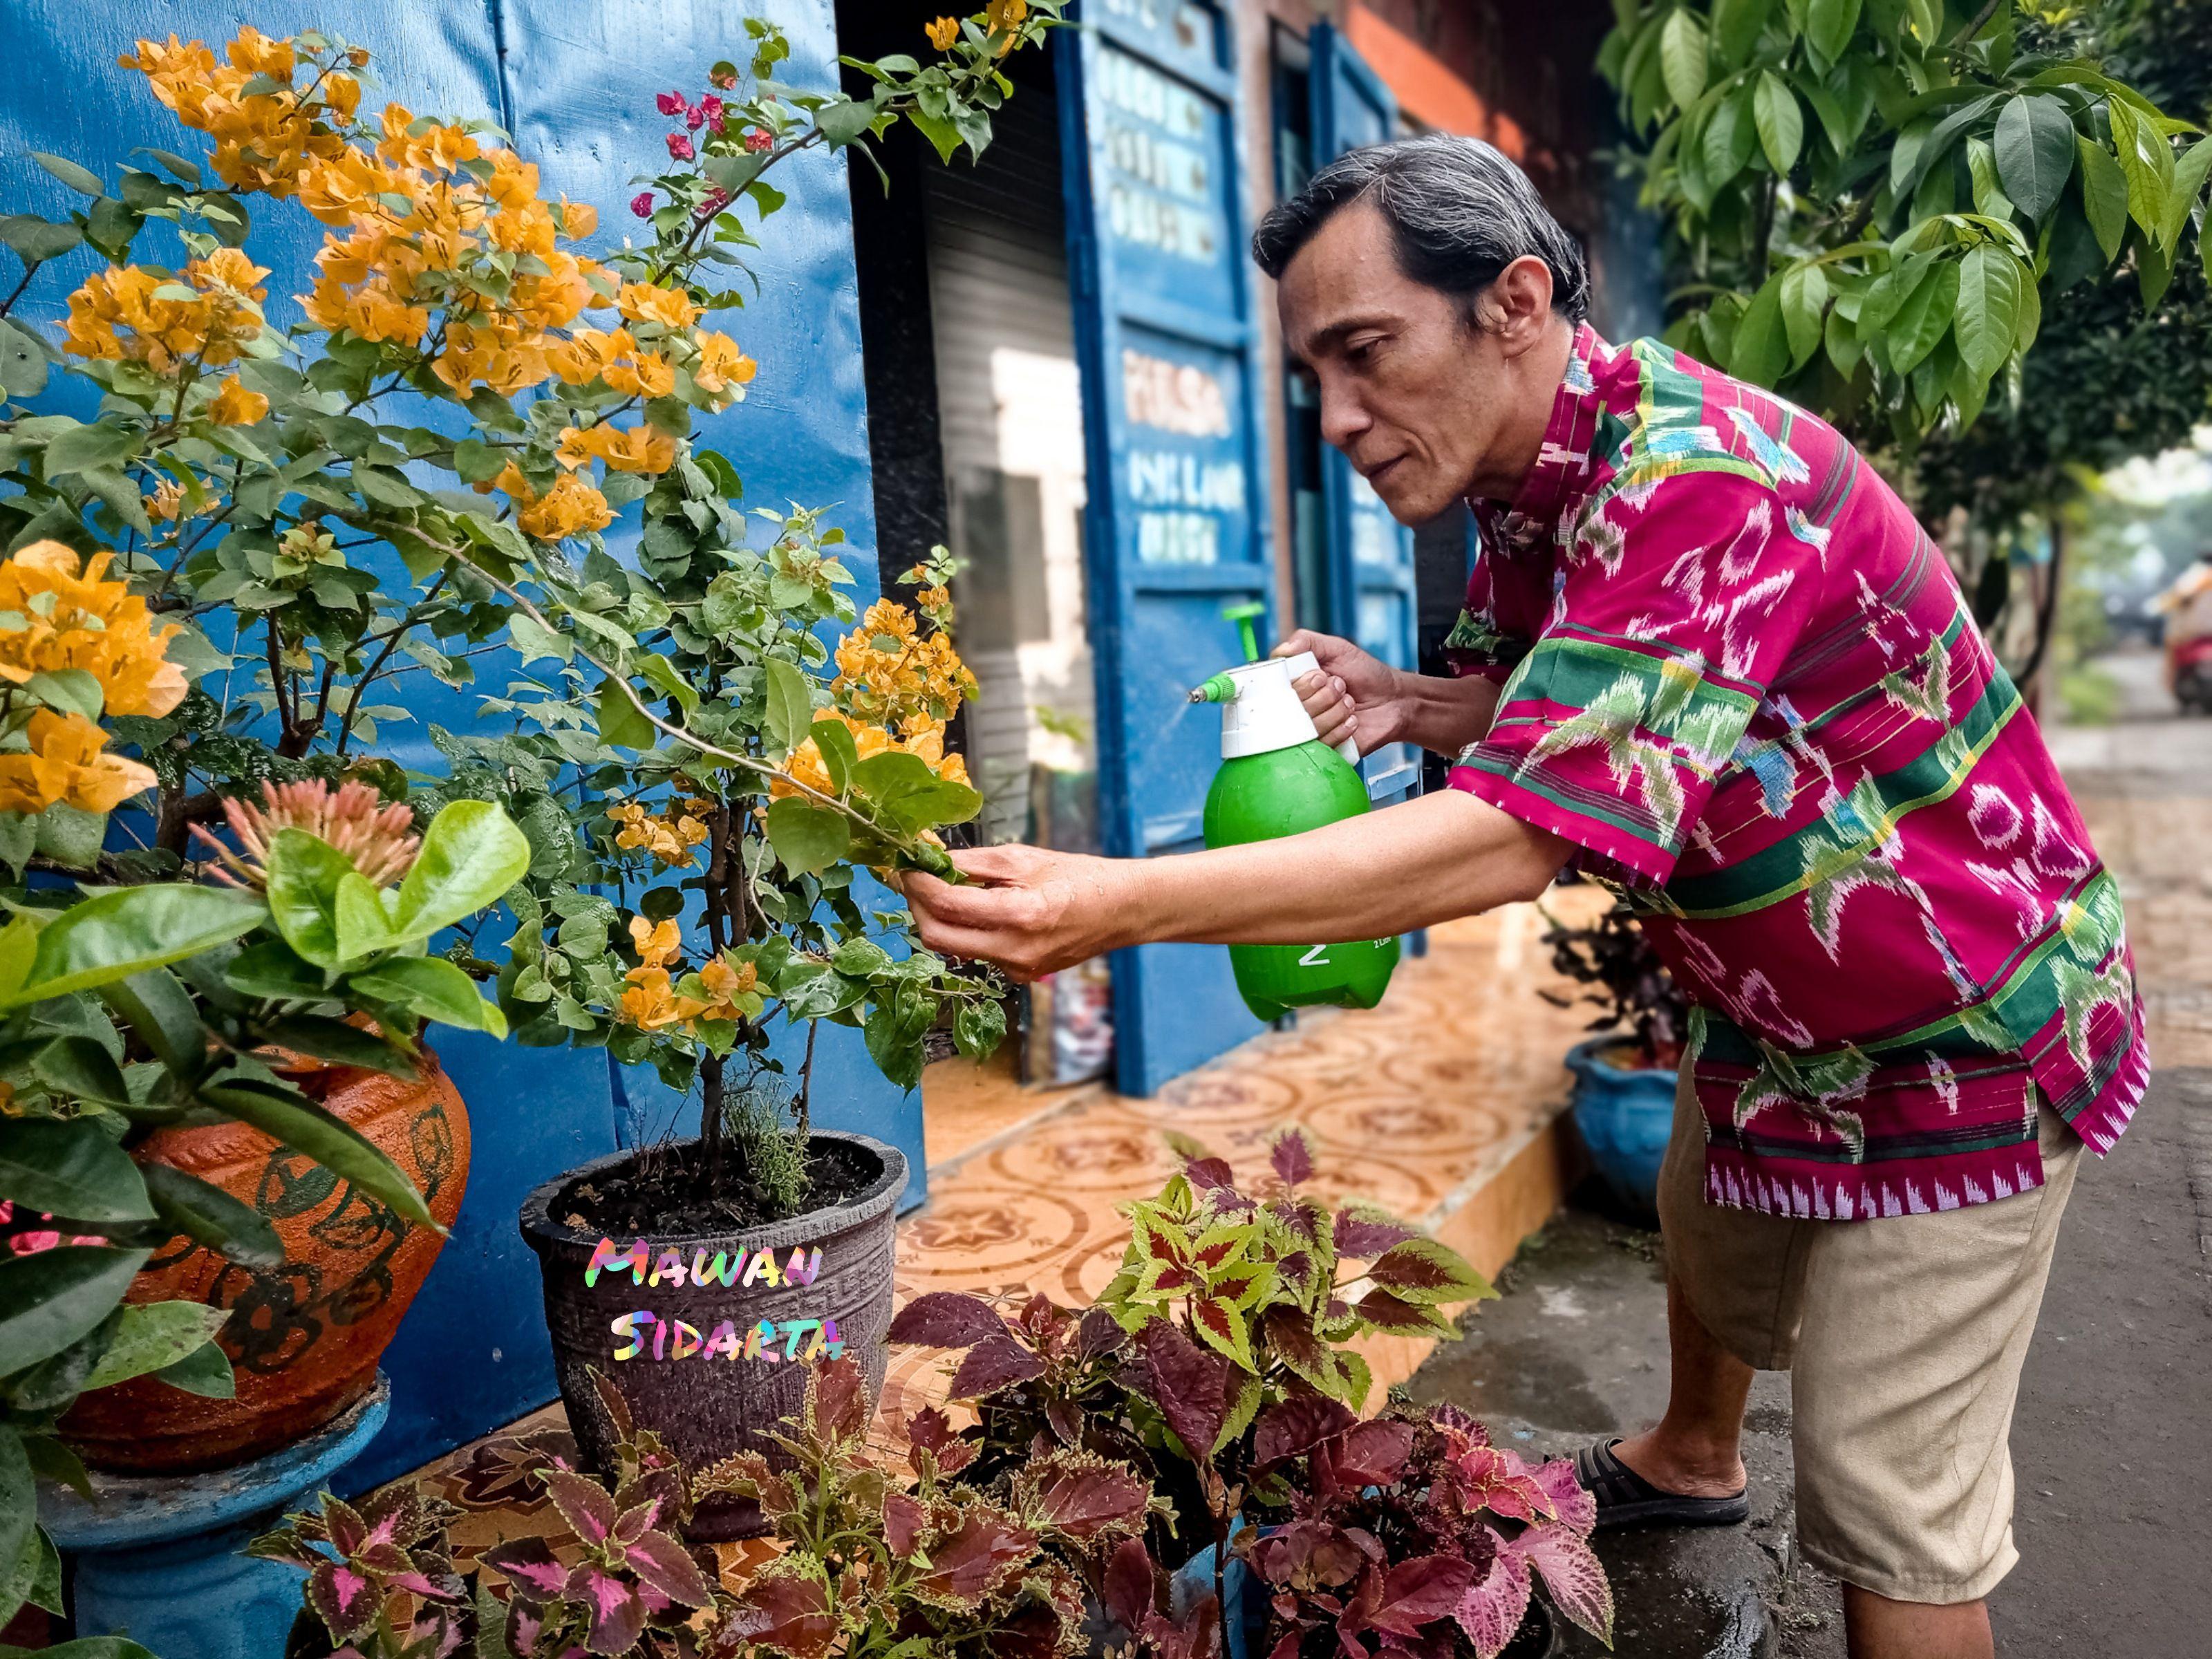 Merawat koleksi tanaman hias (Mawan Sidarta)